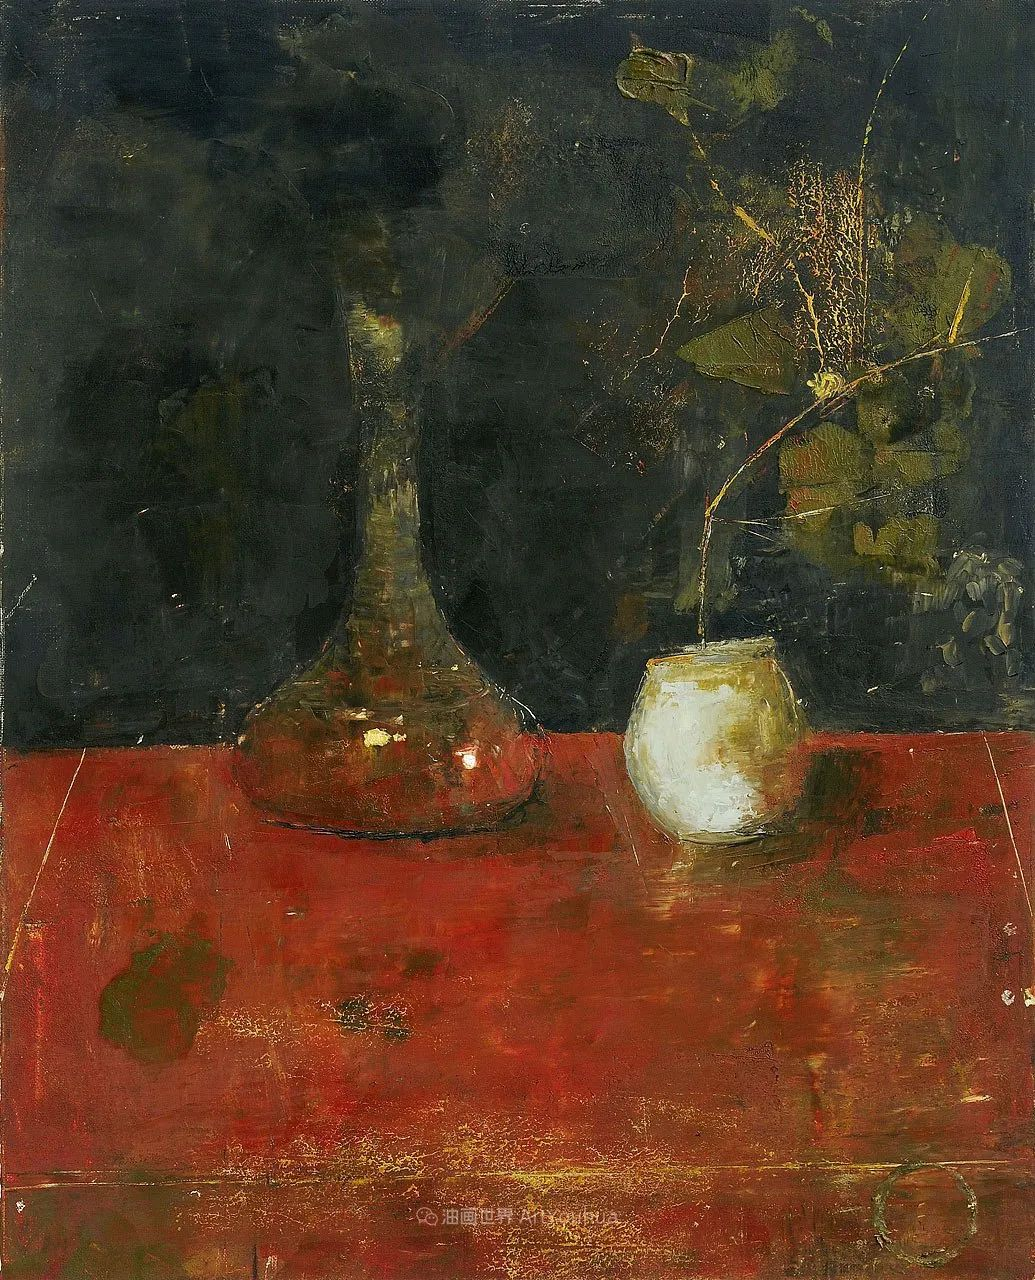 马耳他女画家 Goxwa Borg 戈克斯瓦·博格作品欣赏: 古典又现代!插图11